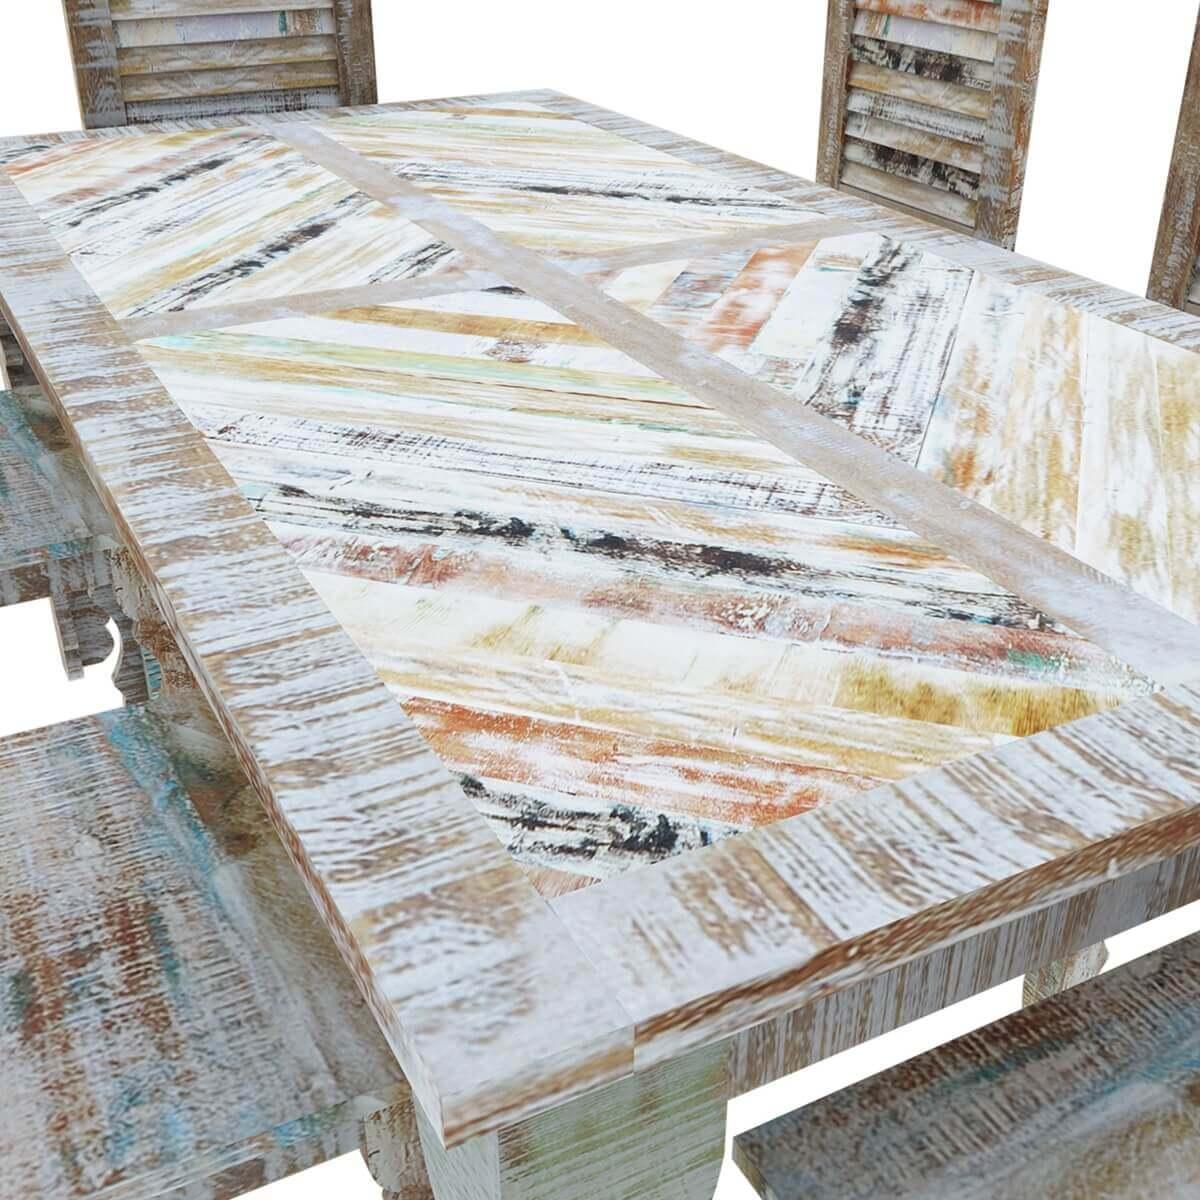 Tucson Rainbow Rustic Reclaimed Wood 9Pc Dining Room Set - Rainbow Rustic Reclaimed Wood 9Pc Dining Room Set